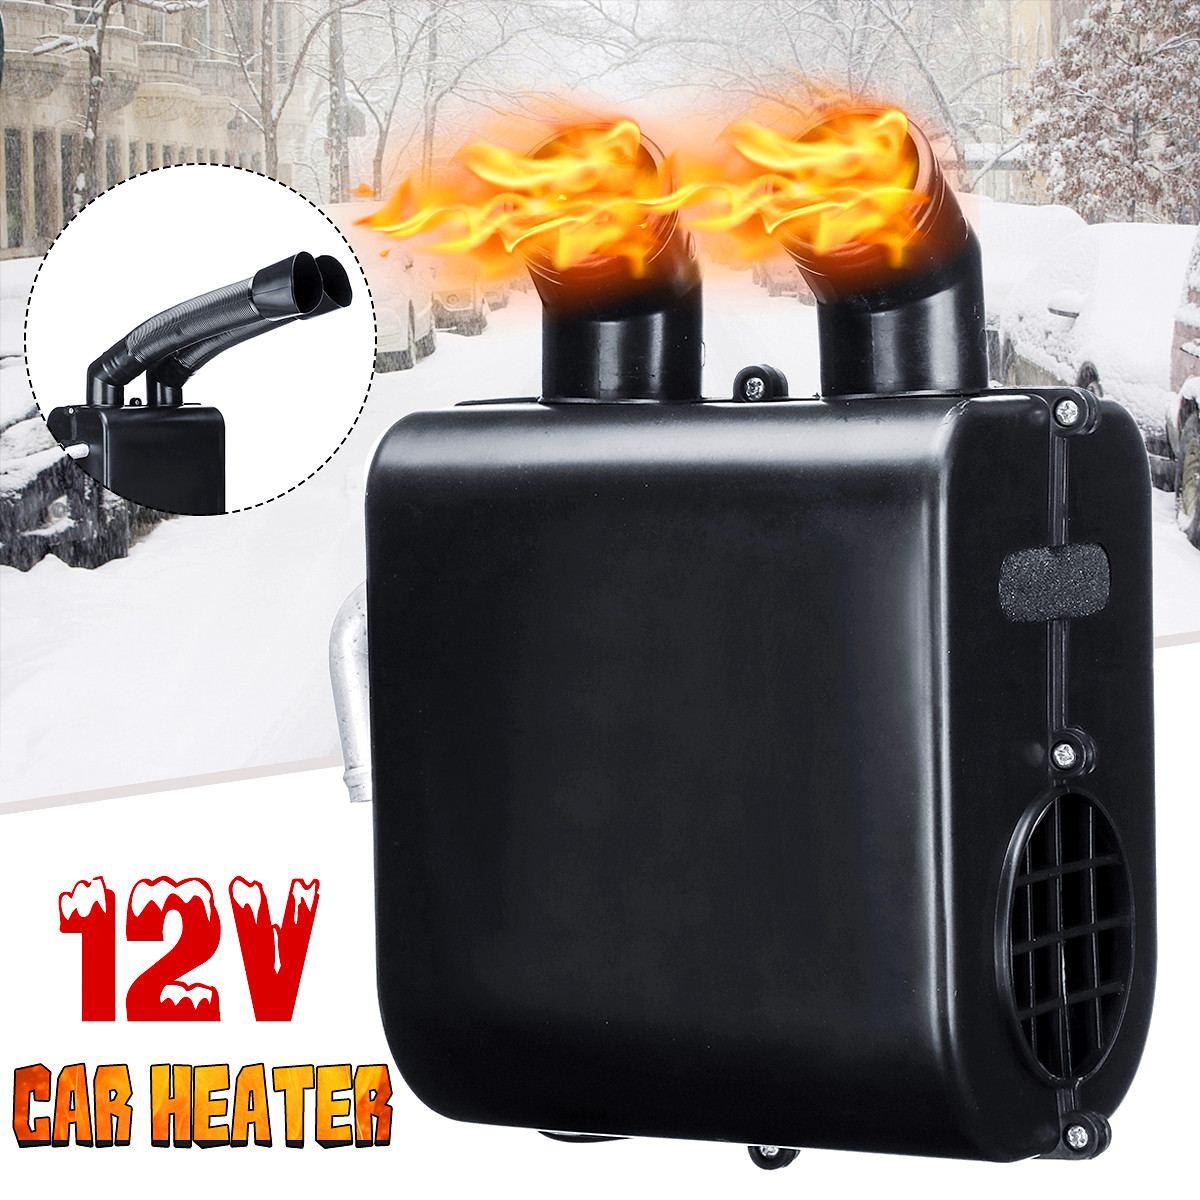 Portable Auto radiateur de voiture Chauffage Dégivreur 12 V radiateur soufflant électrique Chauffage Pare-Brise Dégivreur antibuée Hiver appareils